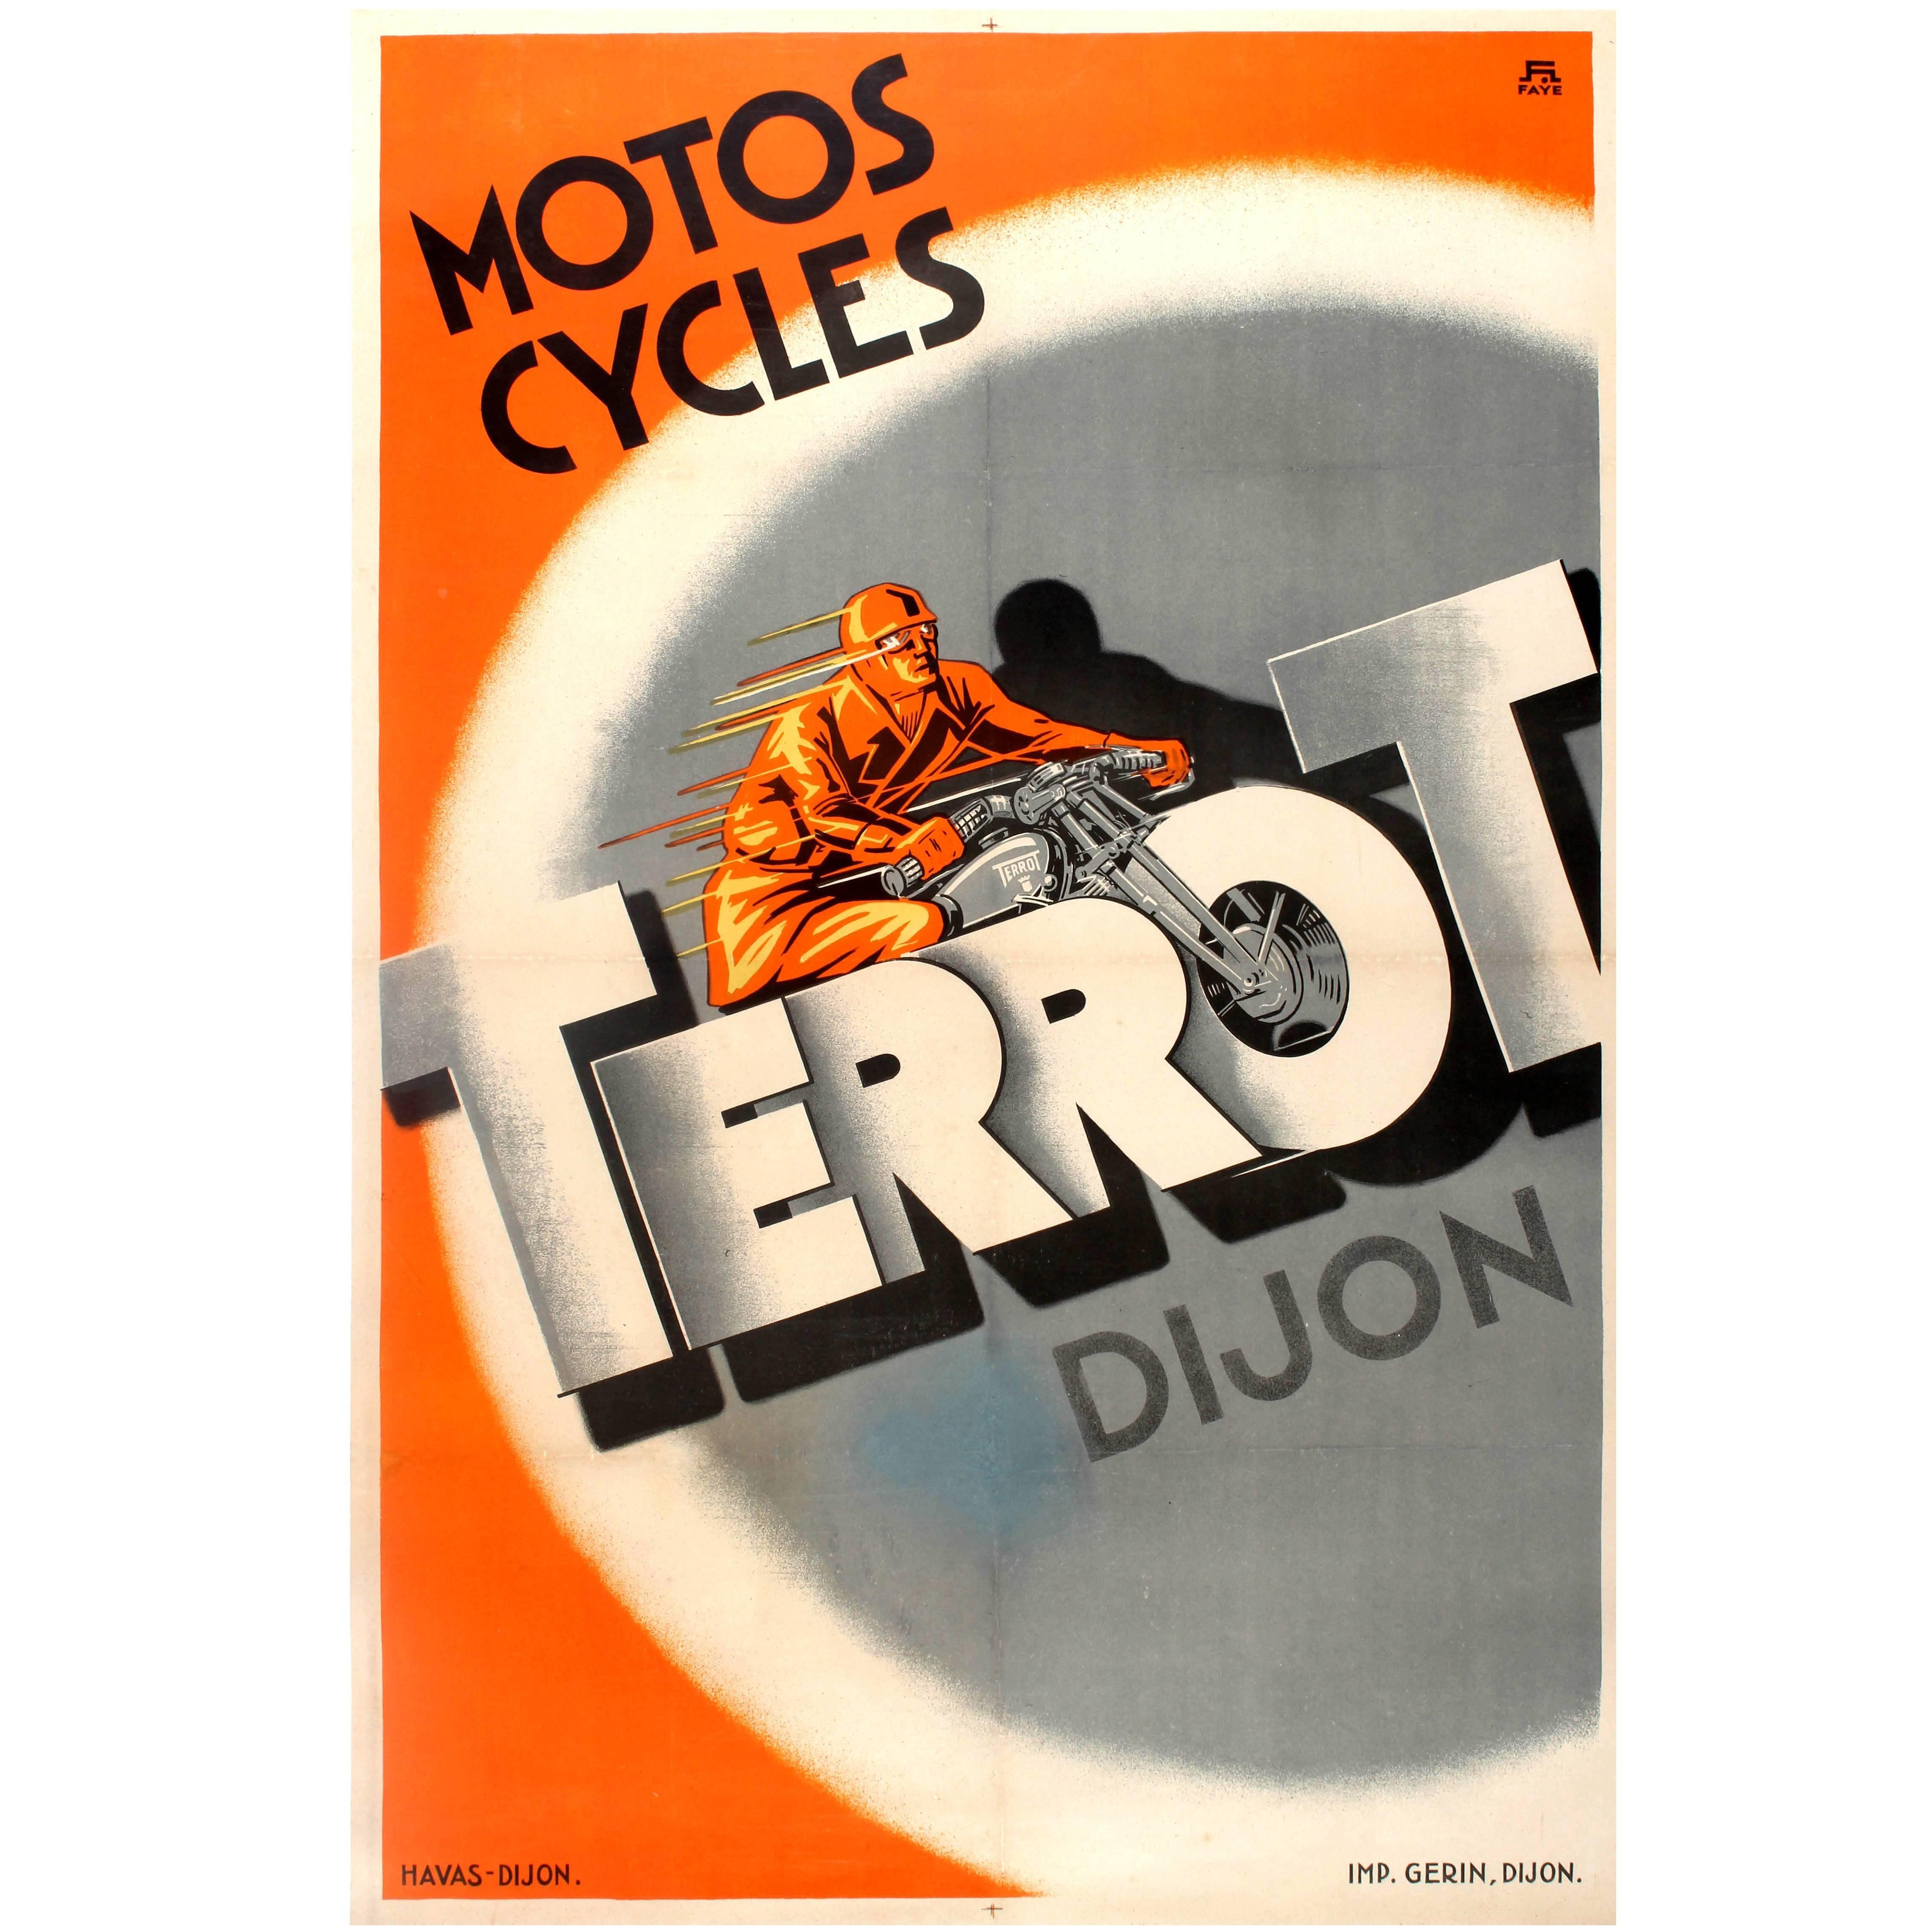 Large Original Vintage Advertising Poster: Motos Cycles Terrot Dijon Motorcycles